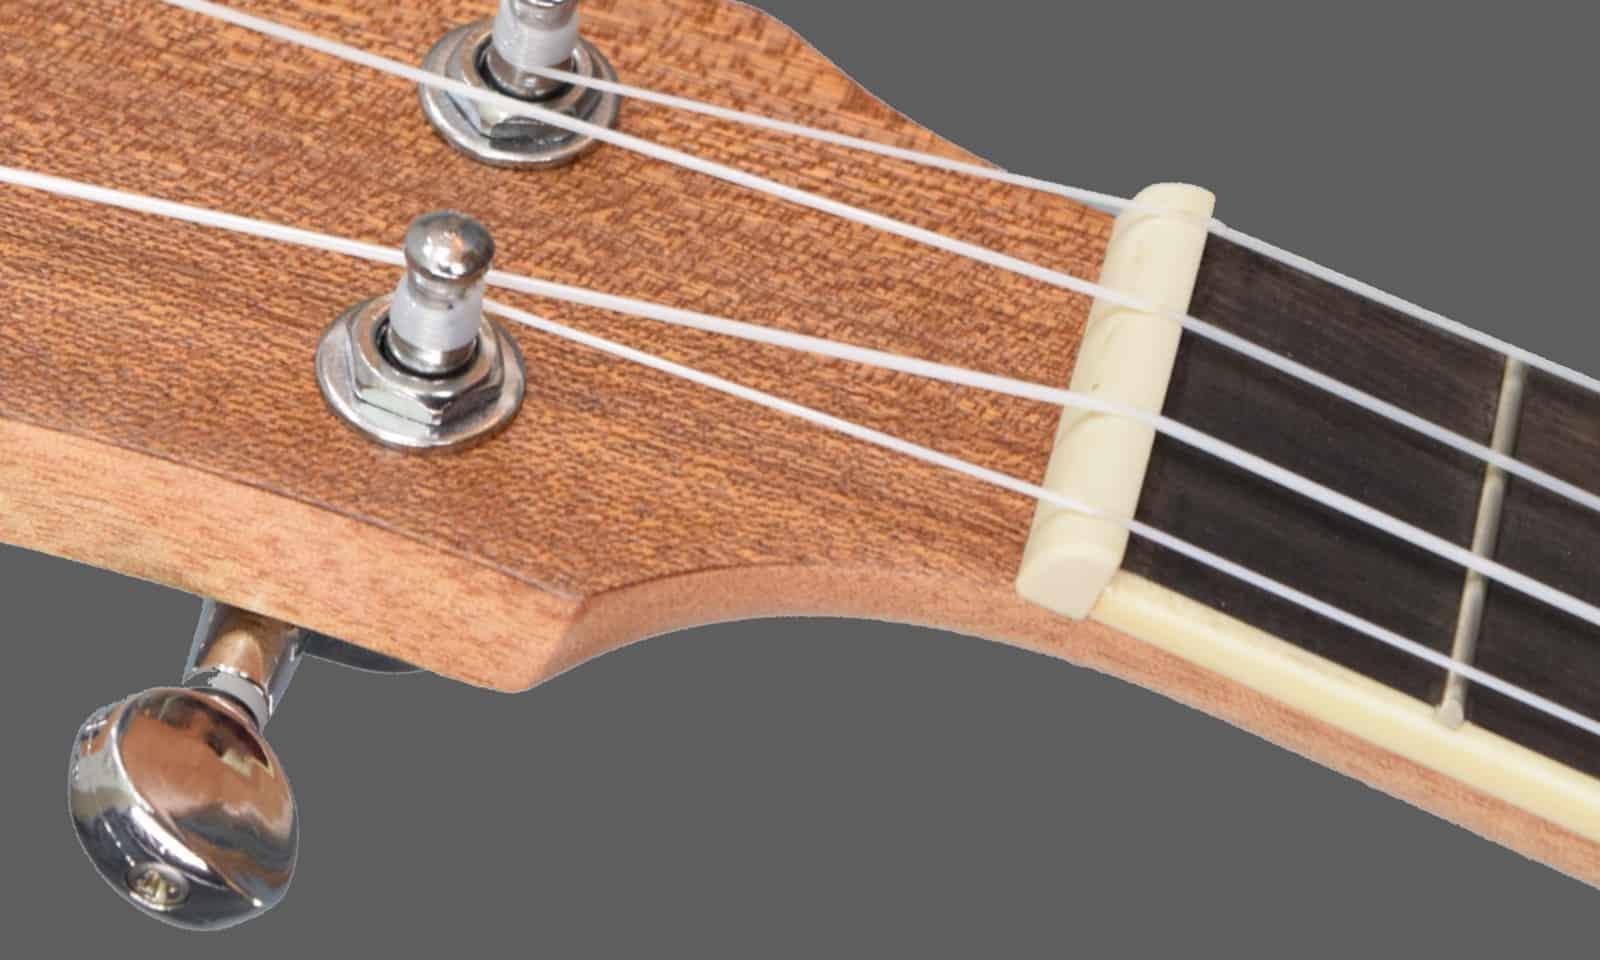 Ukulele String Names - Featured Image - BeginnerUkuleles.com